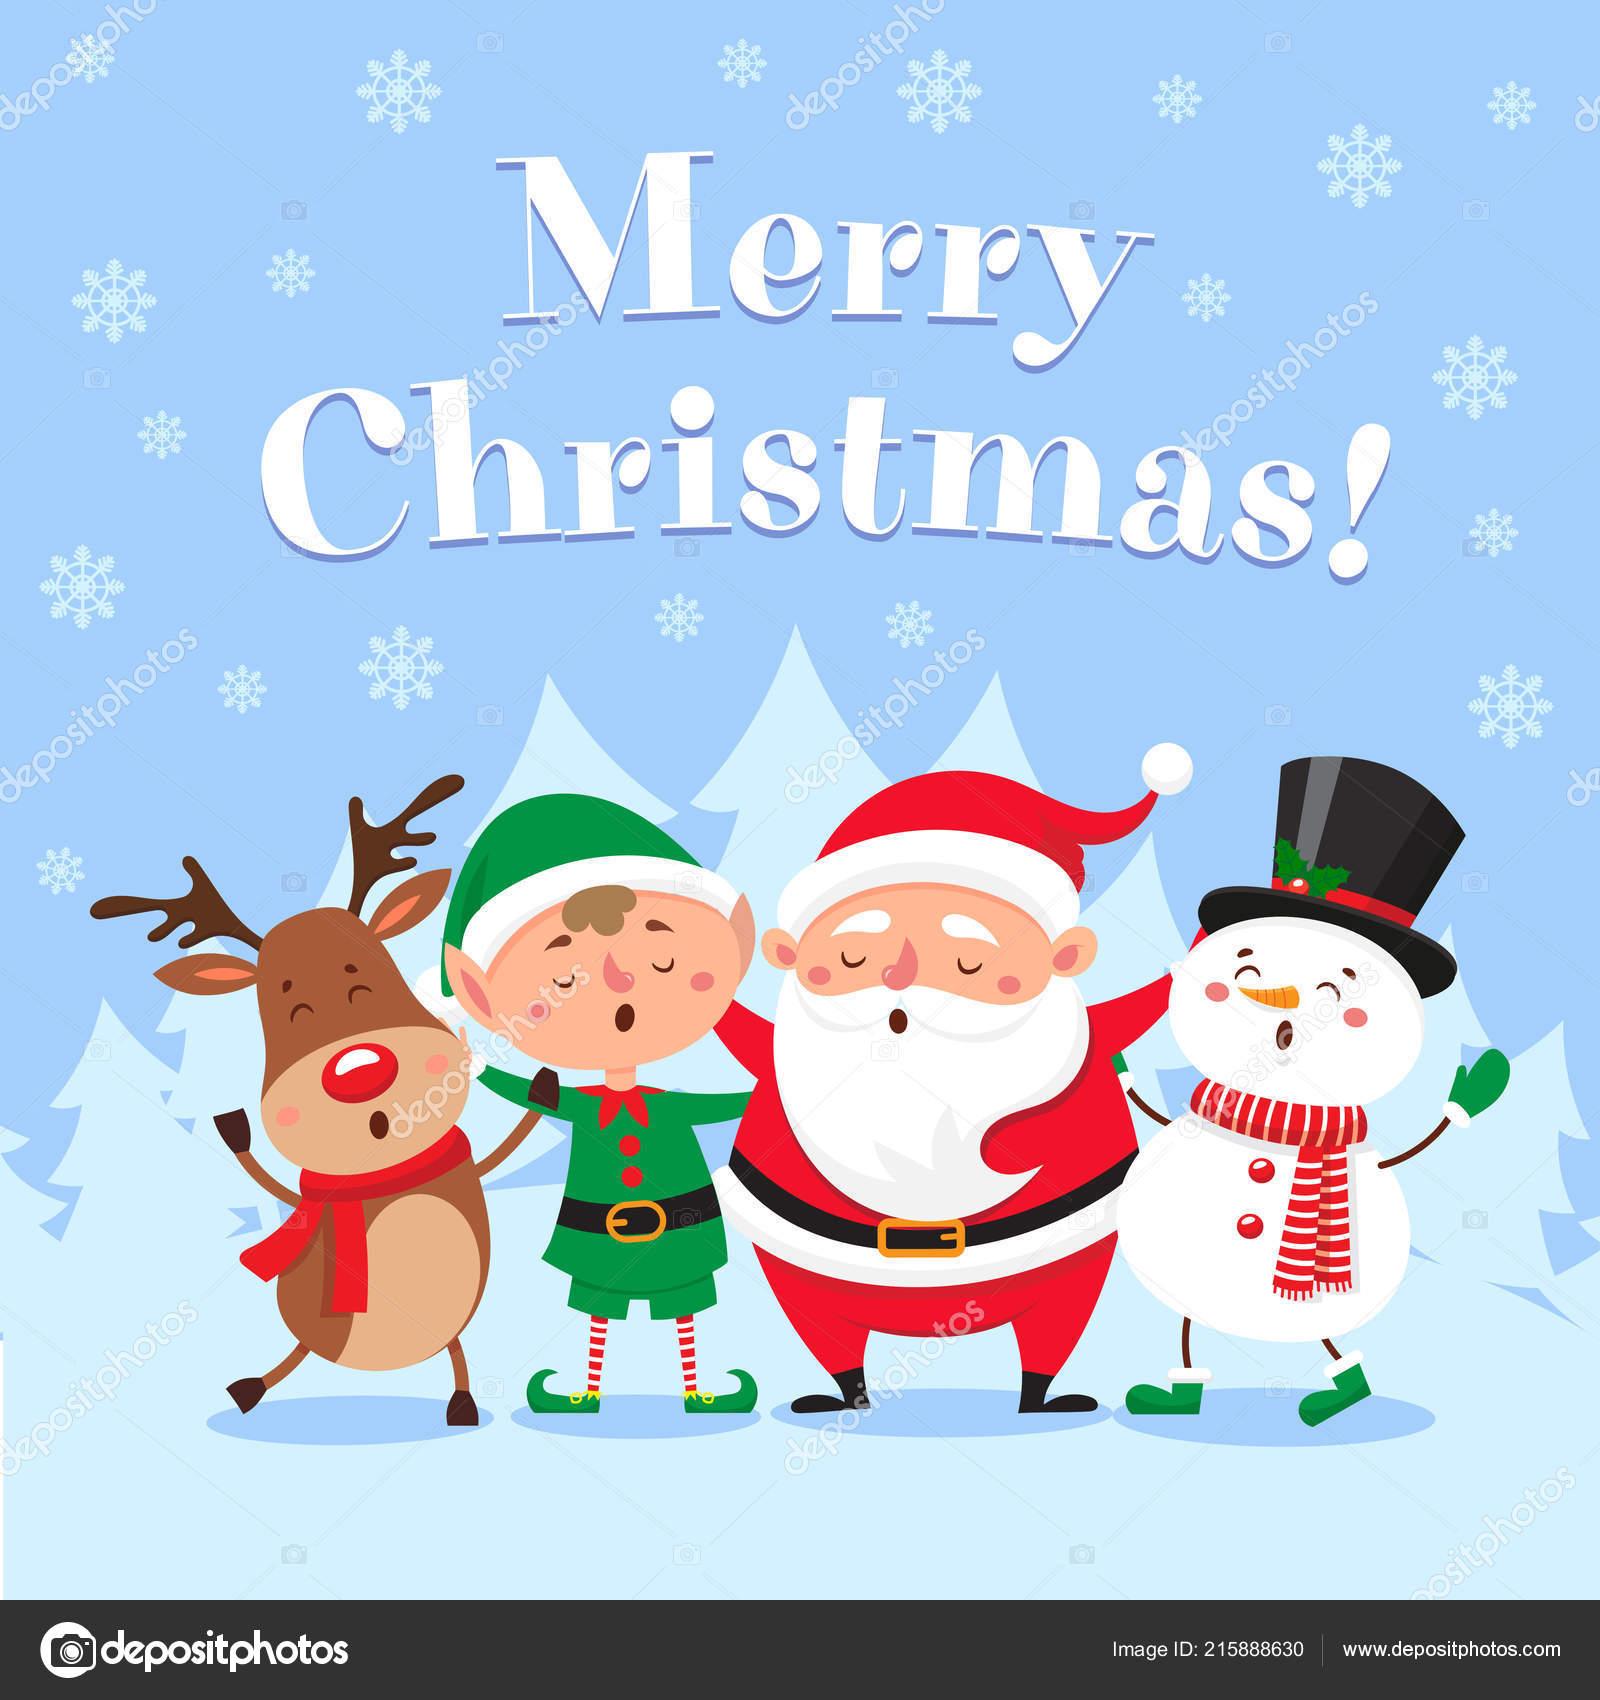 Foto Carine Di Natale.Carina Cartolina D Auguri Di Natale Illustrazione Di